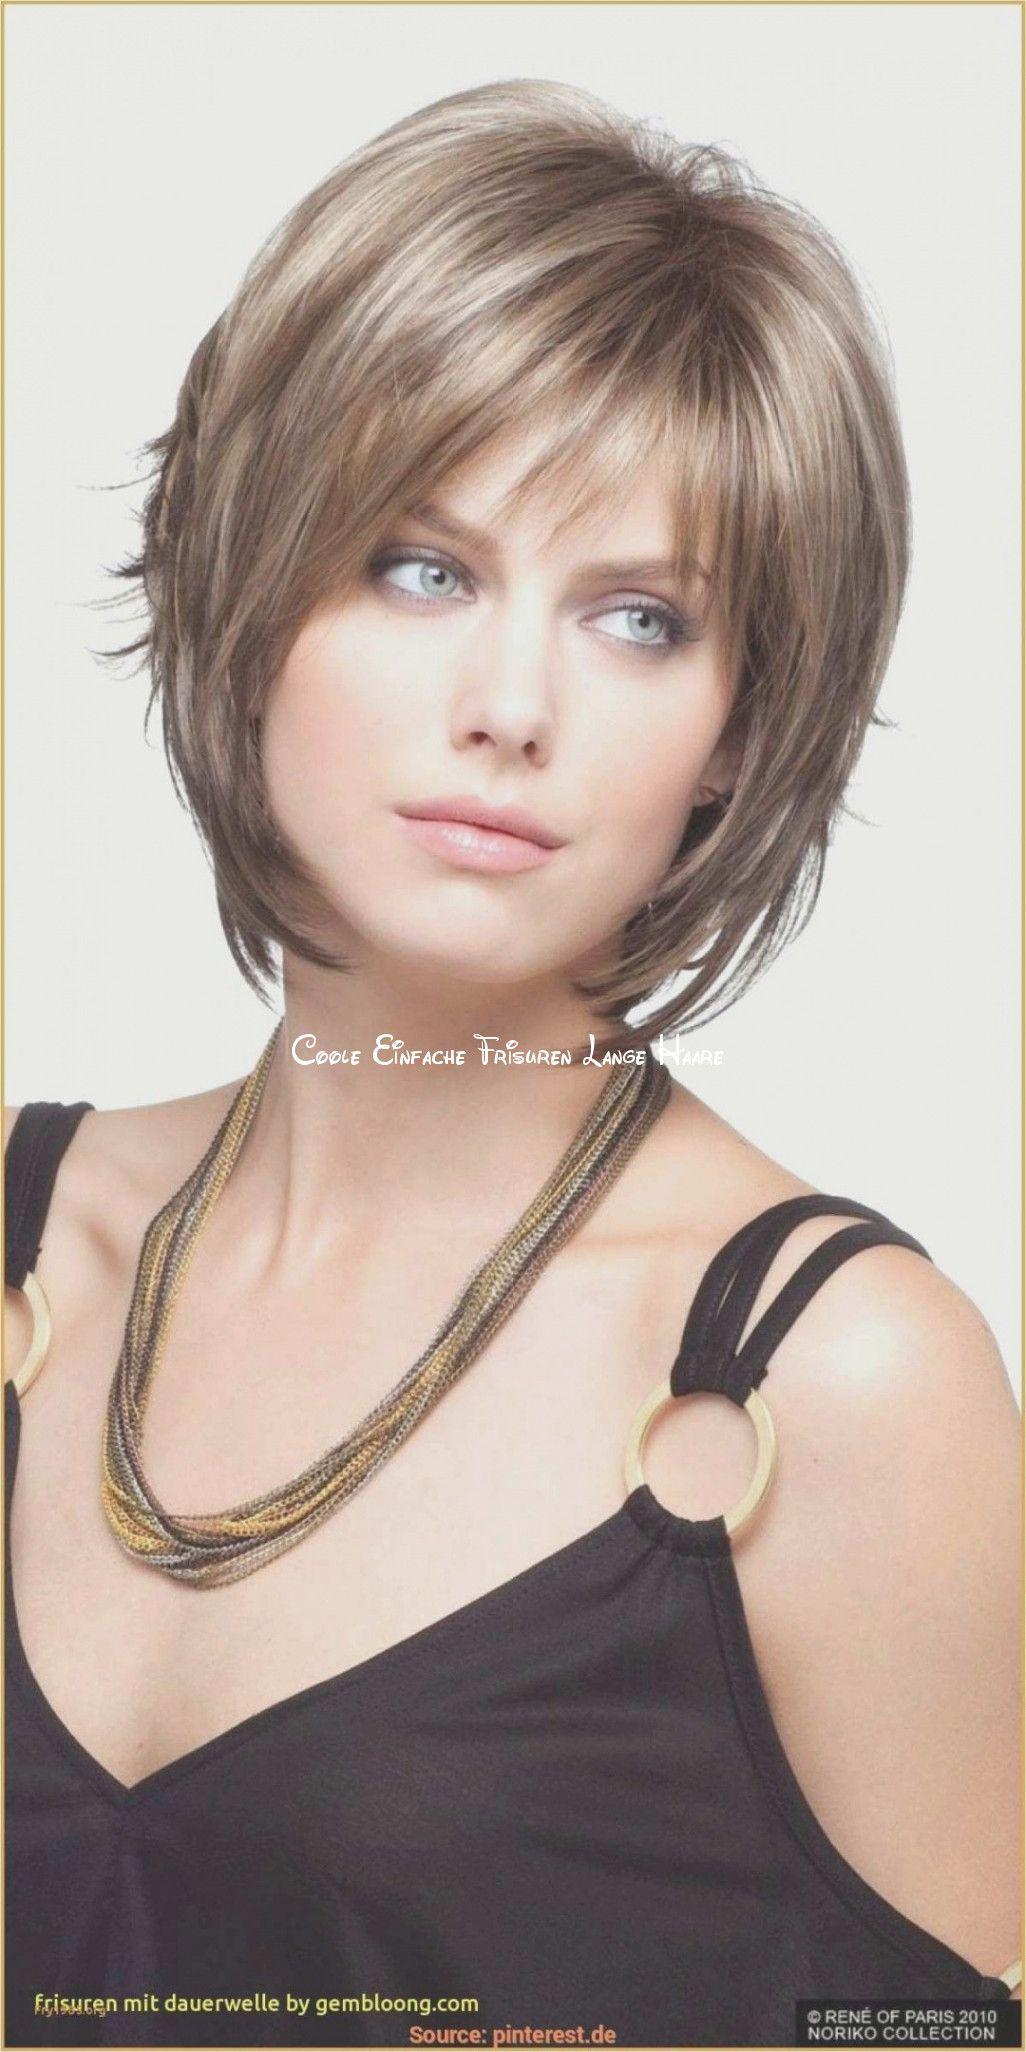 10 Momente Die Ihre Coole Einfache Frisuren Lange Haare Erfahrung Im Grunde Zusammenfassen In 2020 Bob Hairstyles Bob Haircut With Bangs Bobs Haircuts